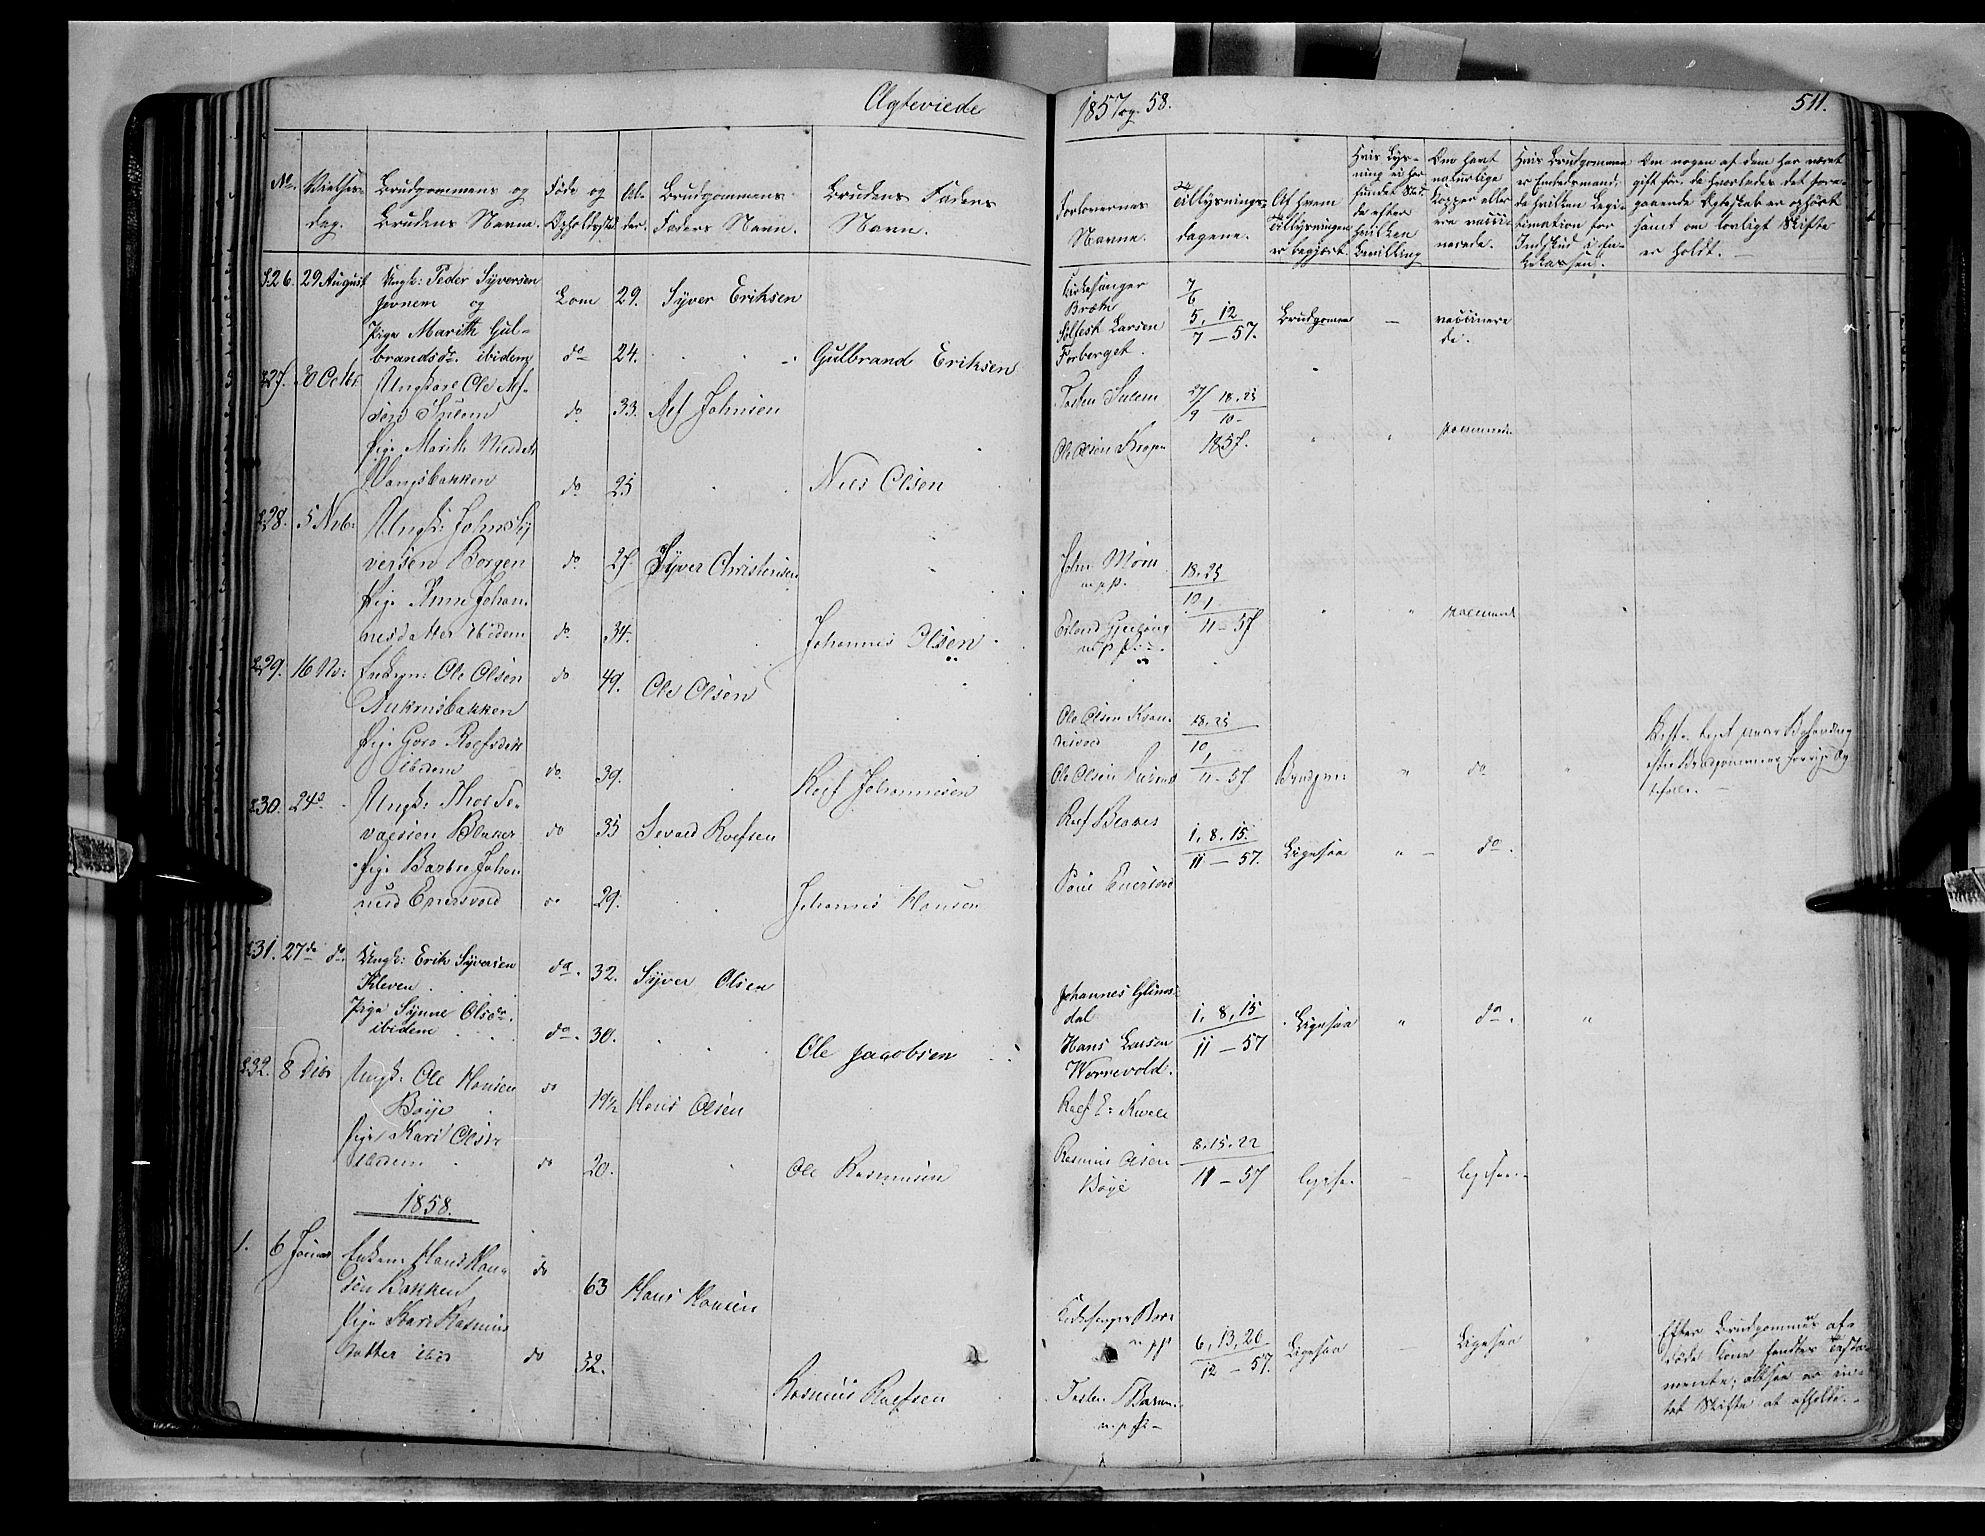 SAH, Lom prestekontor, K/L0006: Ministerialbok nr. 6B, 1837-1863, s. 511